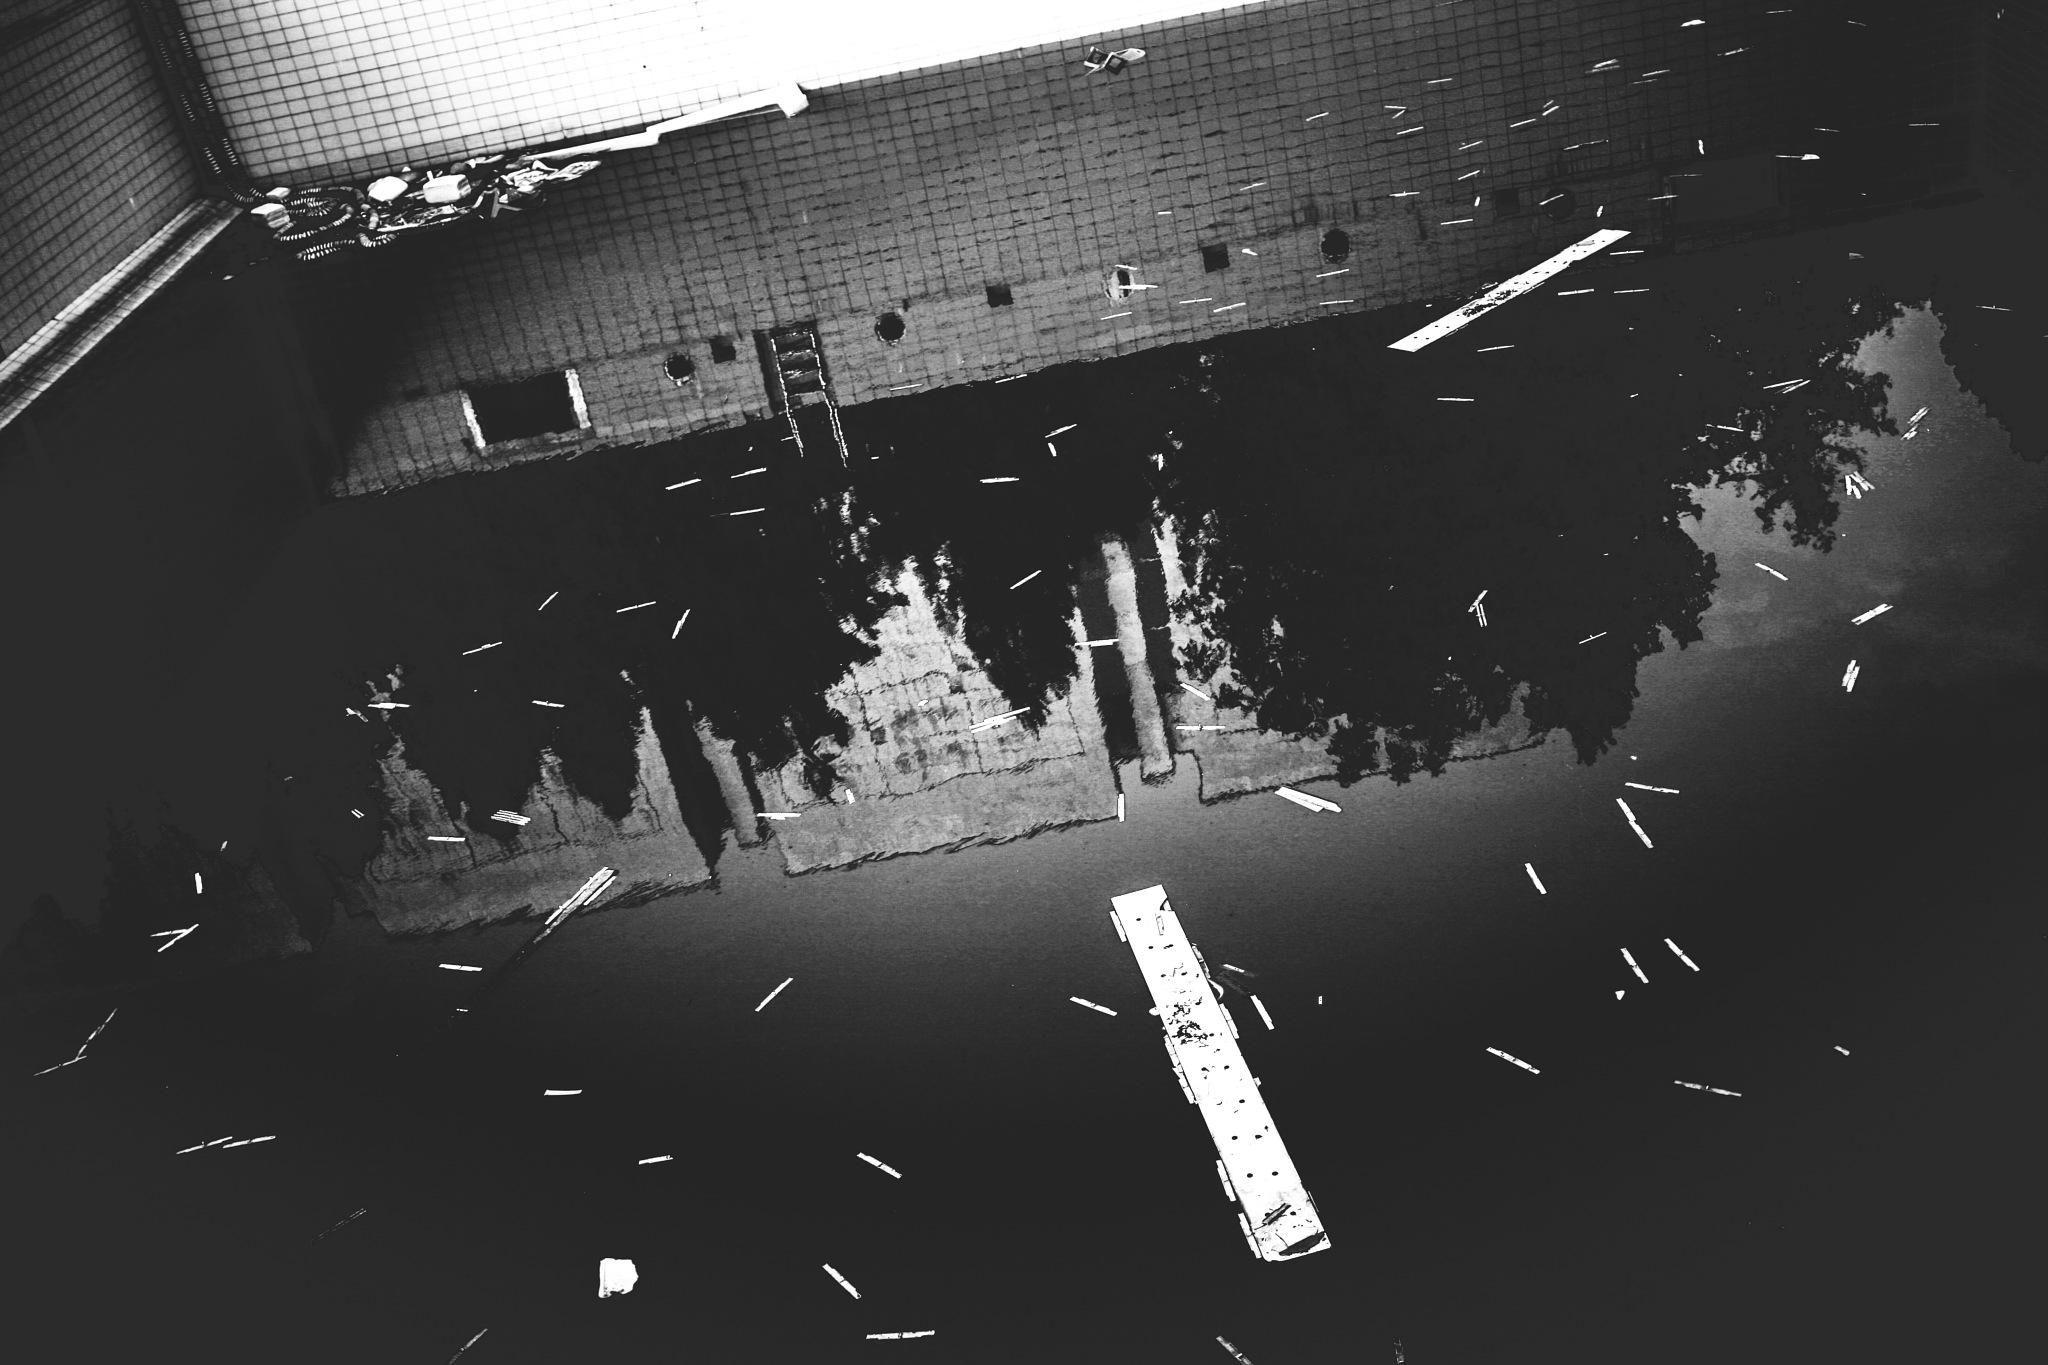 Urban Pool by Yaroslav Boshnakov